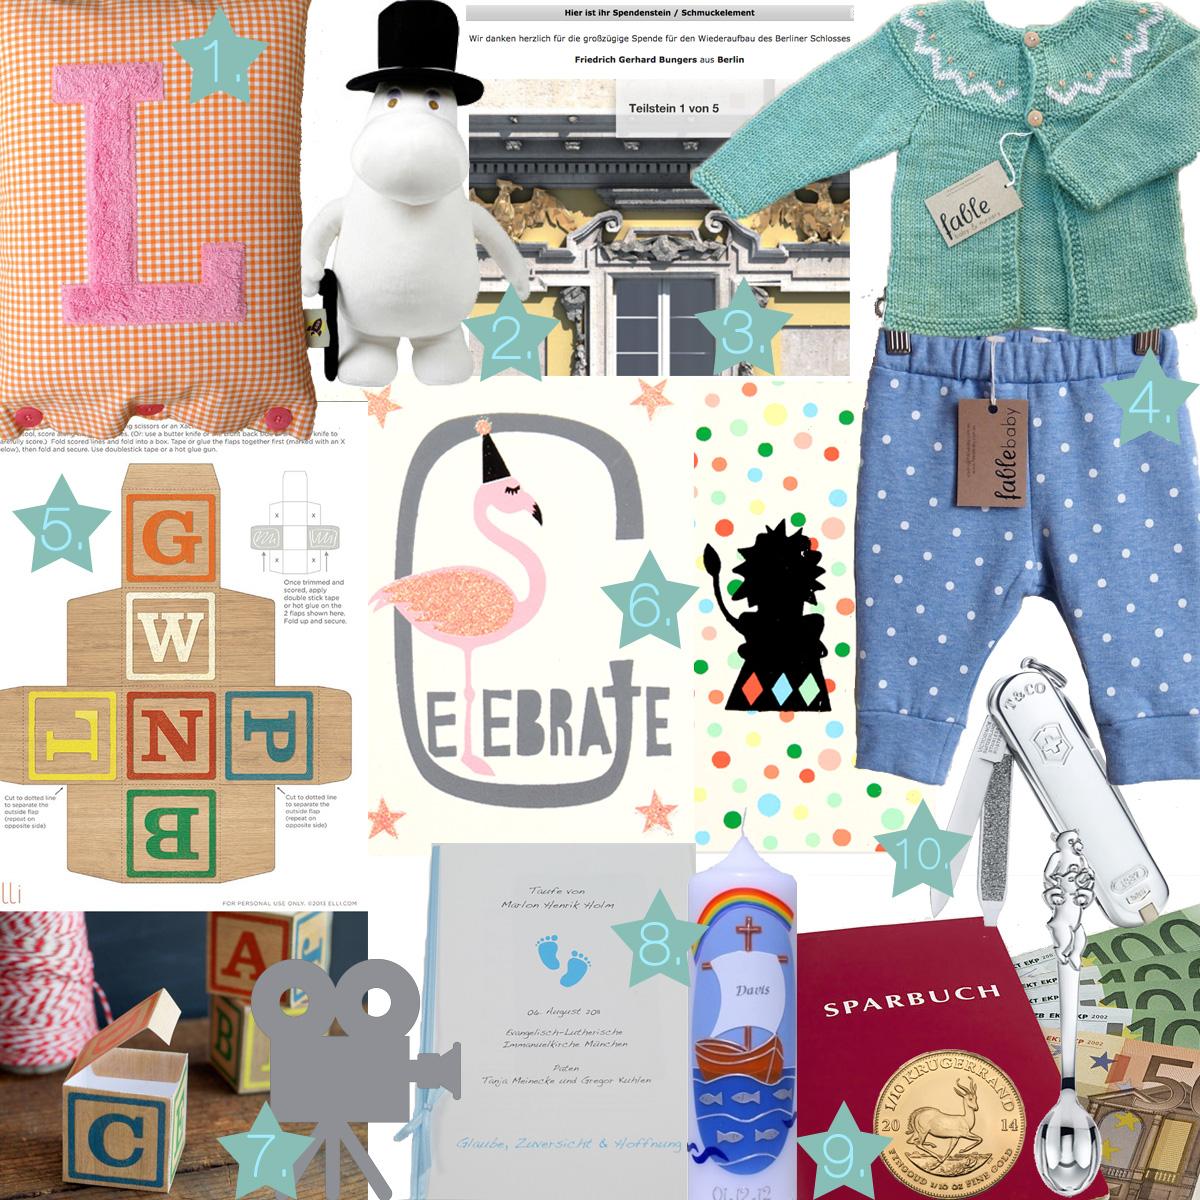 Taufplanung mit pinterest und geschenkideen pinspiration - Pinterest geschenkideen ...